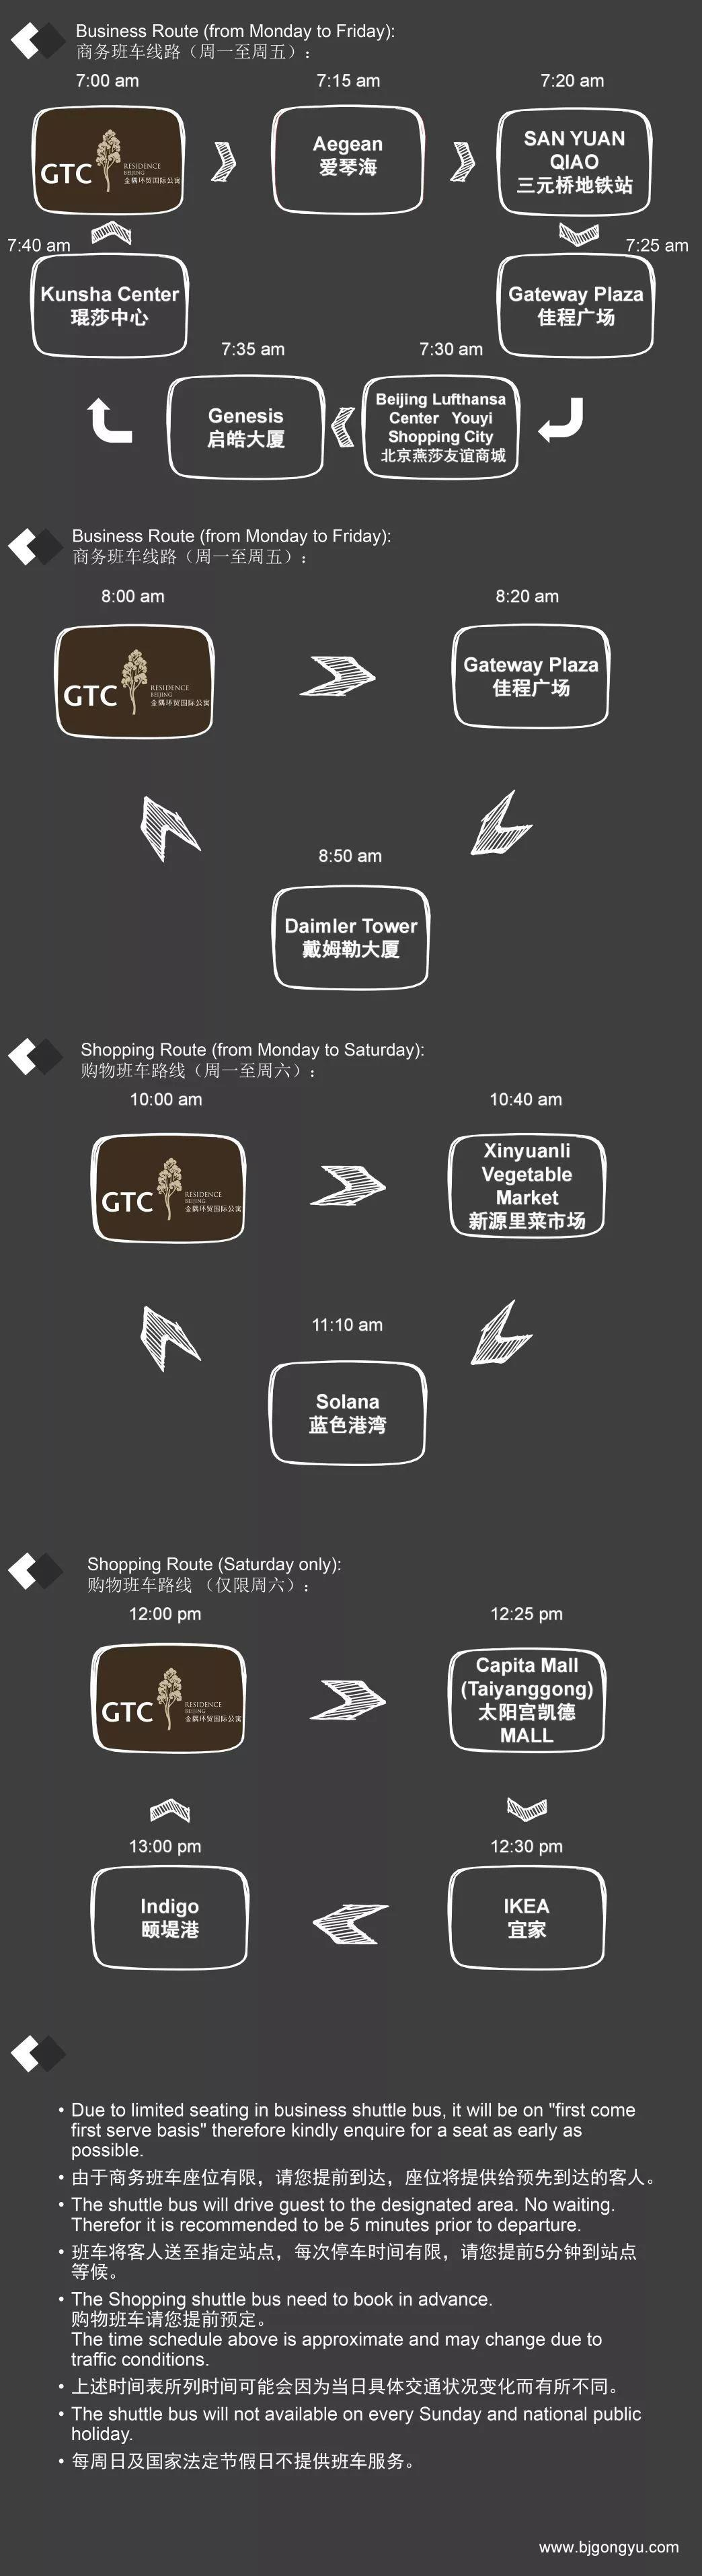 金隅环贸国际公寓将于2019年1月1日升级班车服务